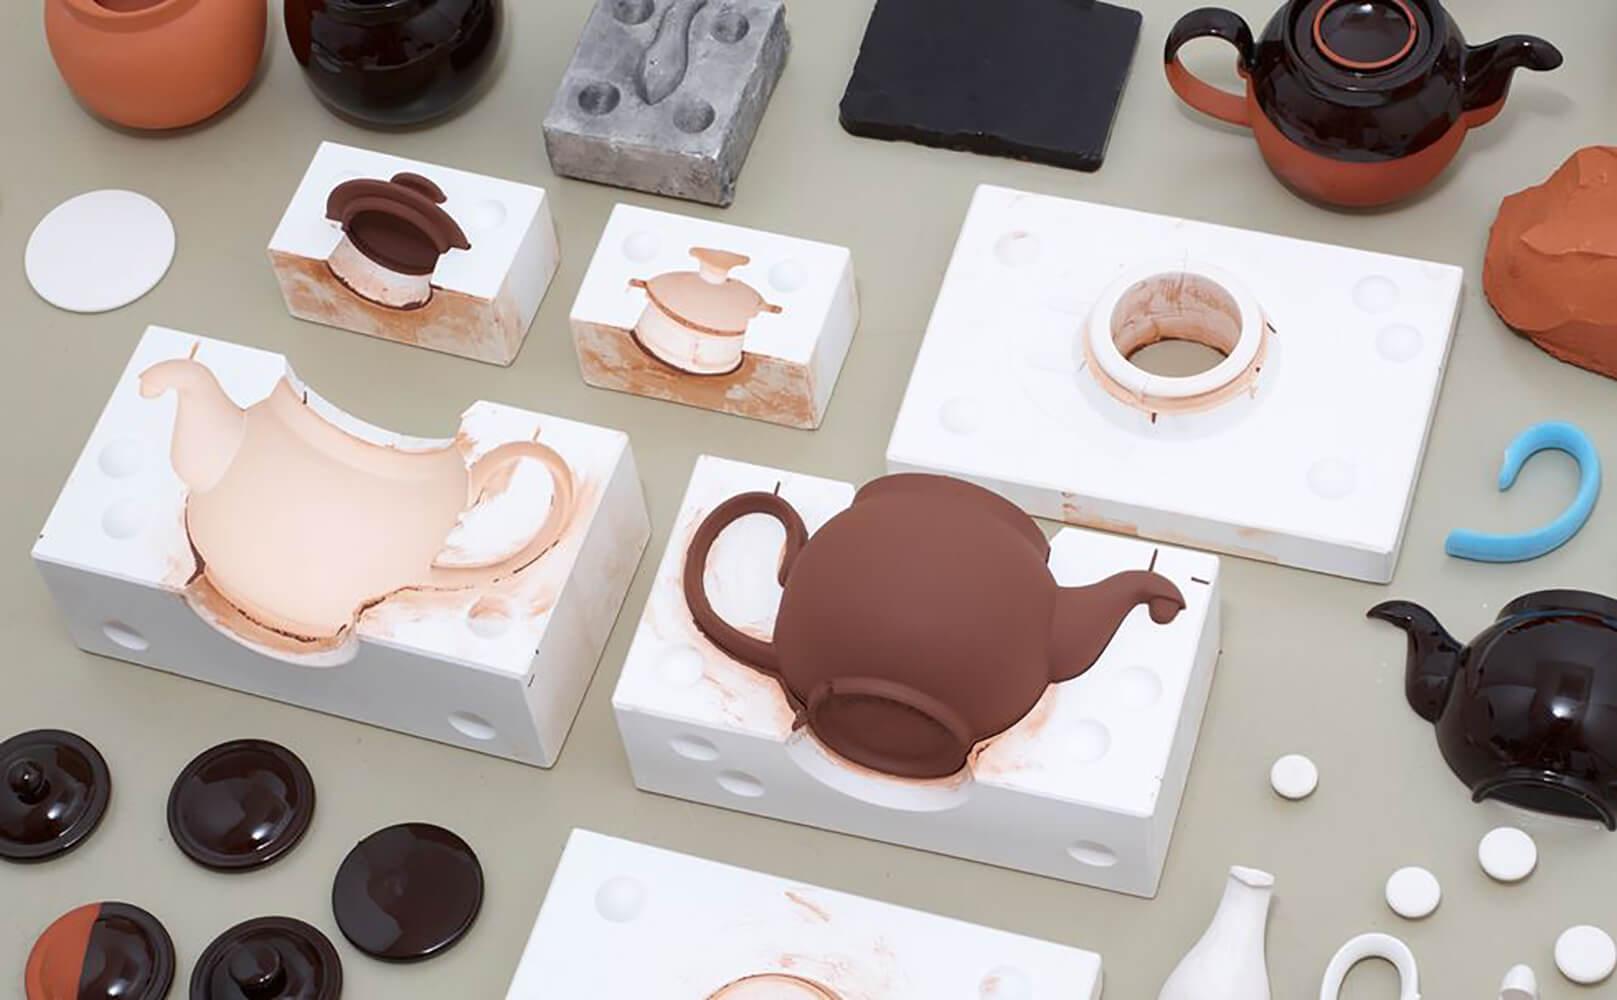 <a href='https://revistaaxxis.com.co/brown-betty-una-tetera-iconica/'><h2>Brown betty, una tetera icónica</h2>El ceramista Ian McIntyre se propuso comprender cómo la Brown Betty se convirtió en un objeto omnipresente en Gran Bretaña. Trabajó junto a Cauldon Ceramics, el fabricante más antiguo, para rediseñar el diseño y volverlo rentable.</a>